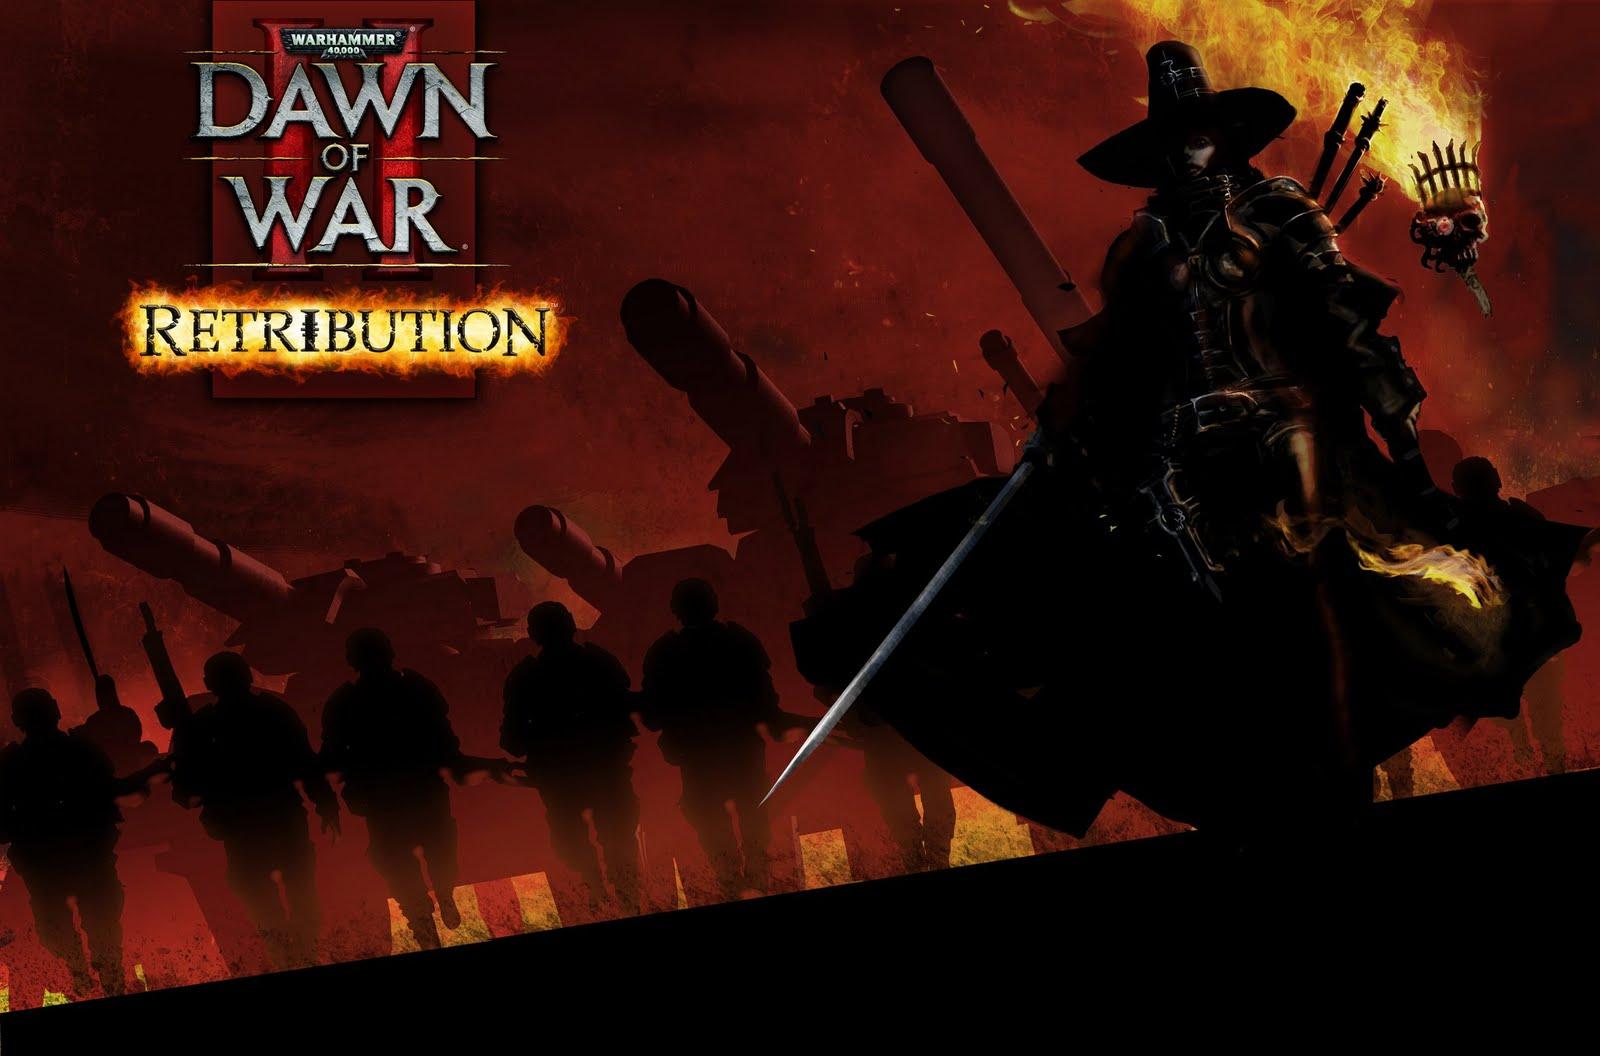 http://1.bp.blogspot.com/-97uLuWARvAU/TdBOJ2oAz1I/AAAAAAAABsk/M-IOSg0F8do/s1600/dawn_of_war.jpg